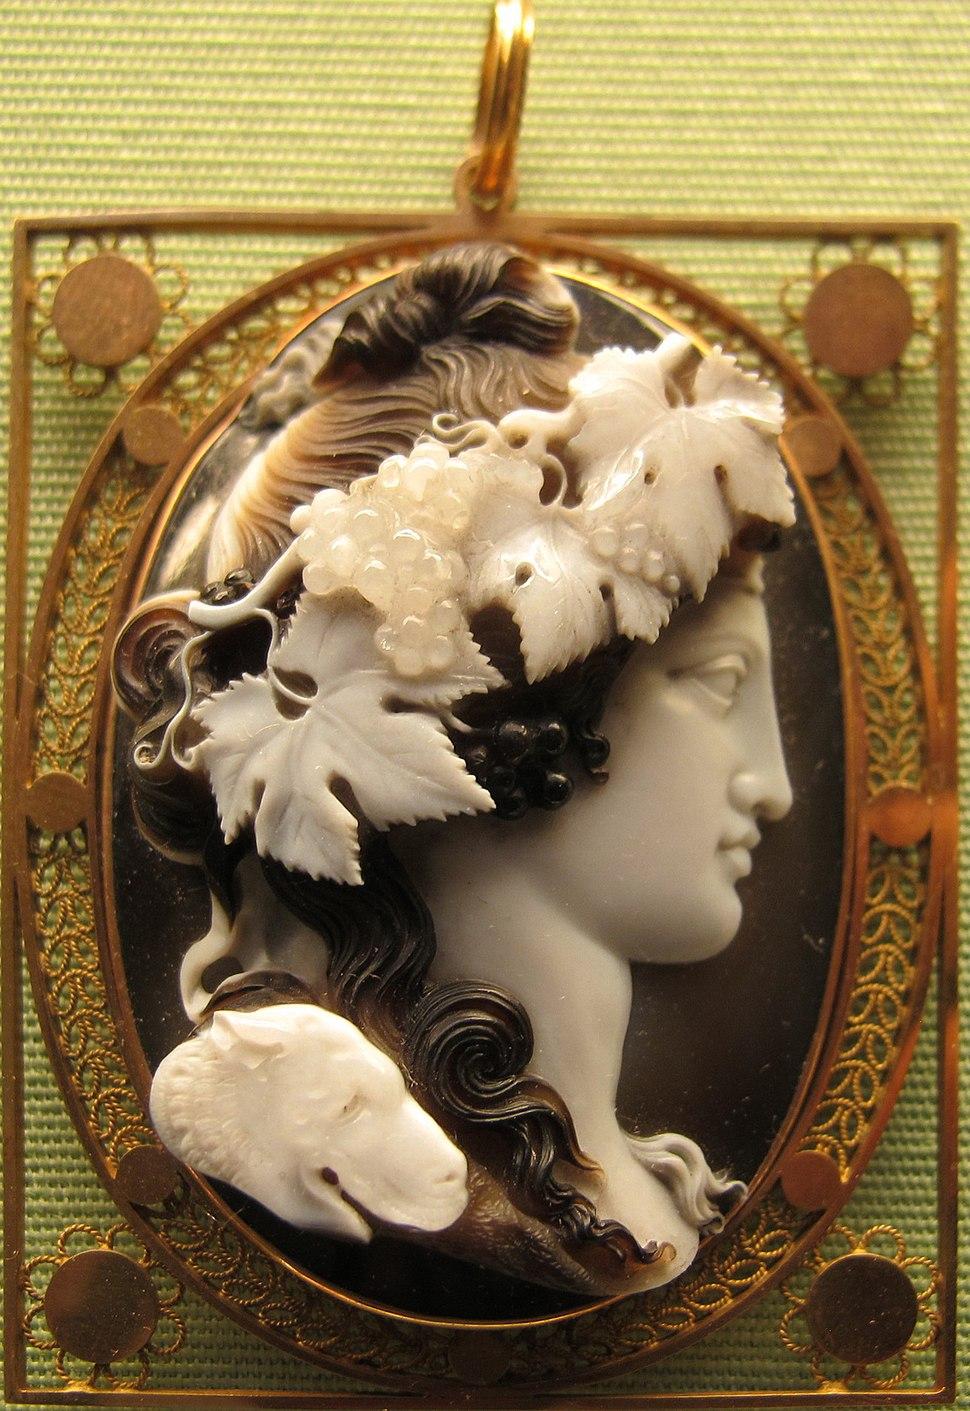 Benedetto pistrucci, bacco, sardonice, 1800 ca